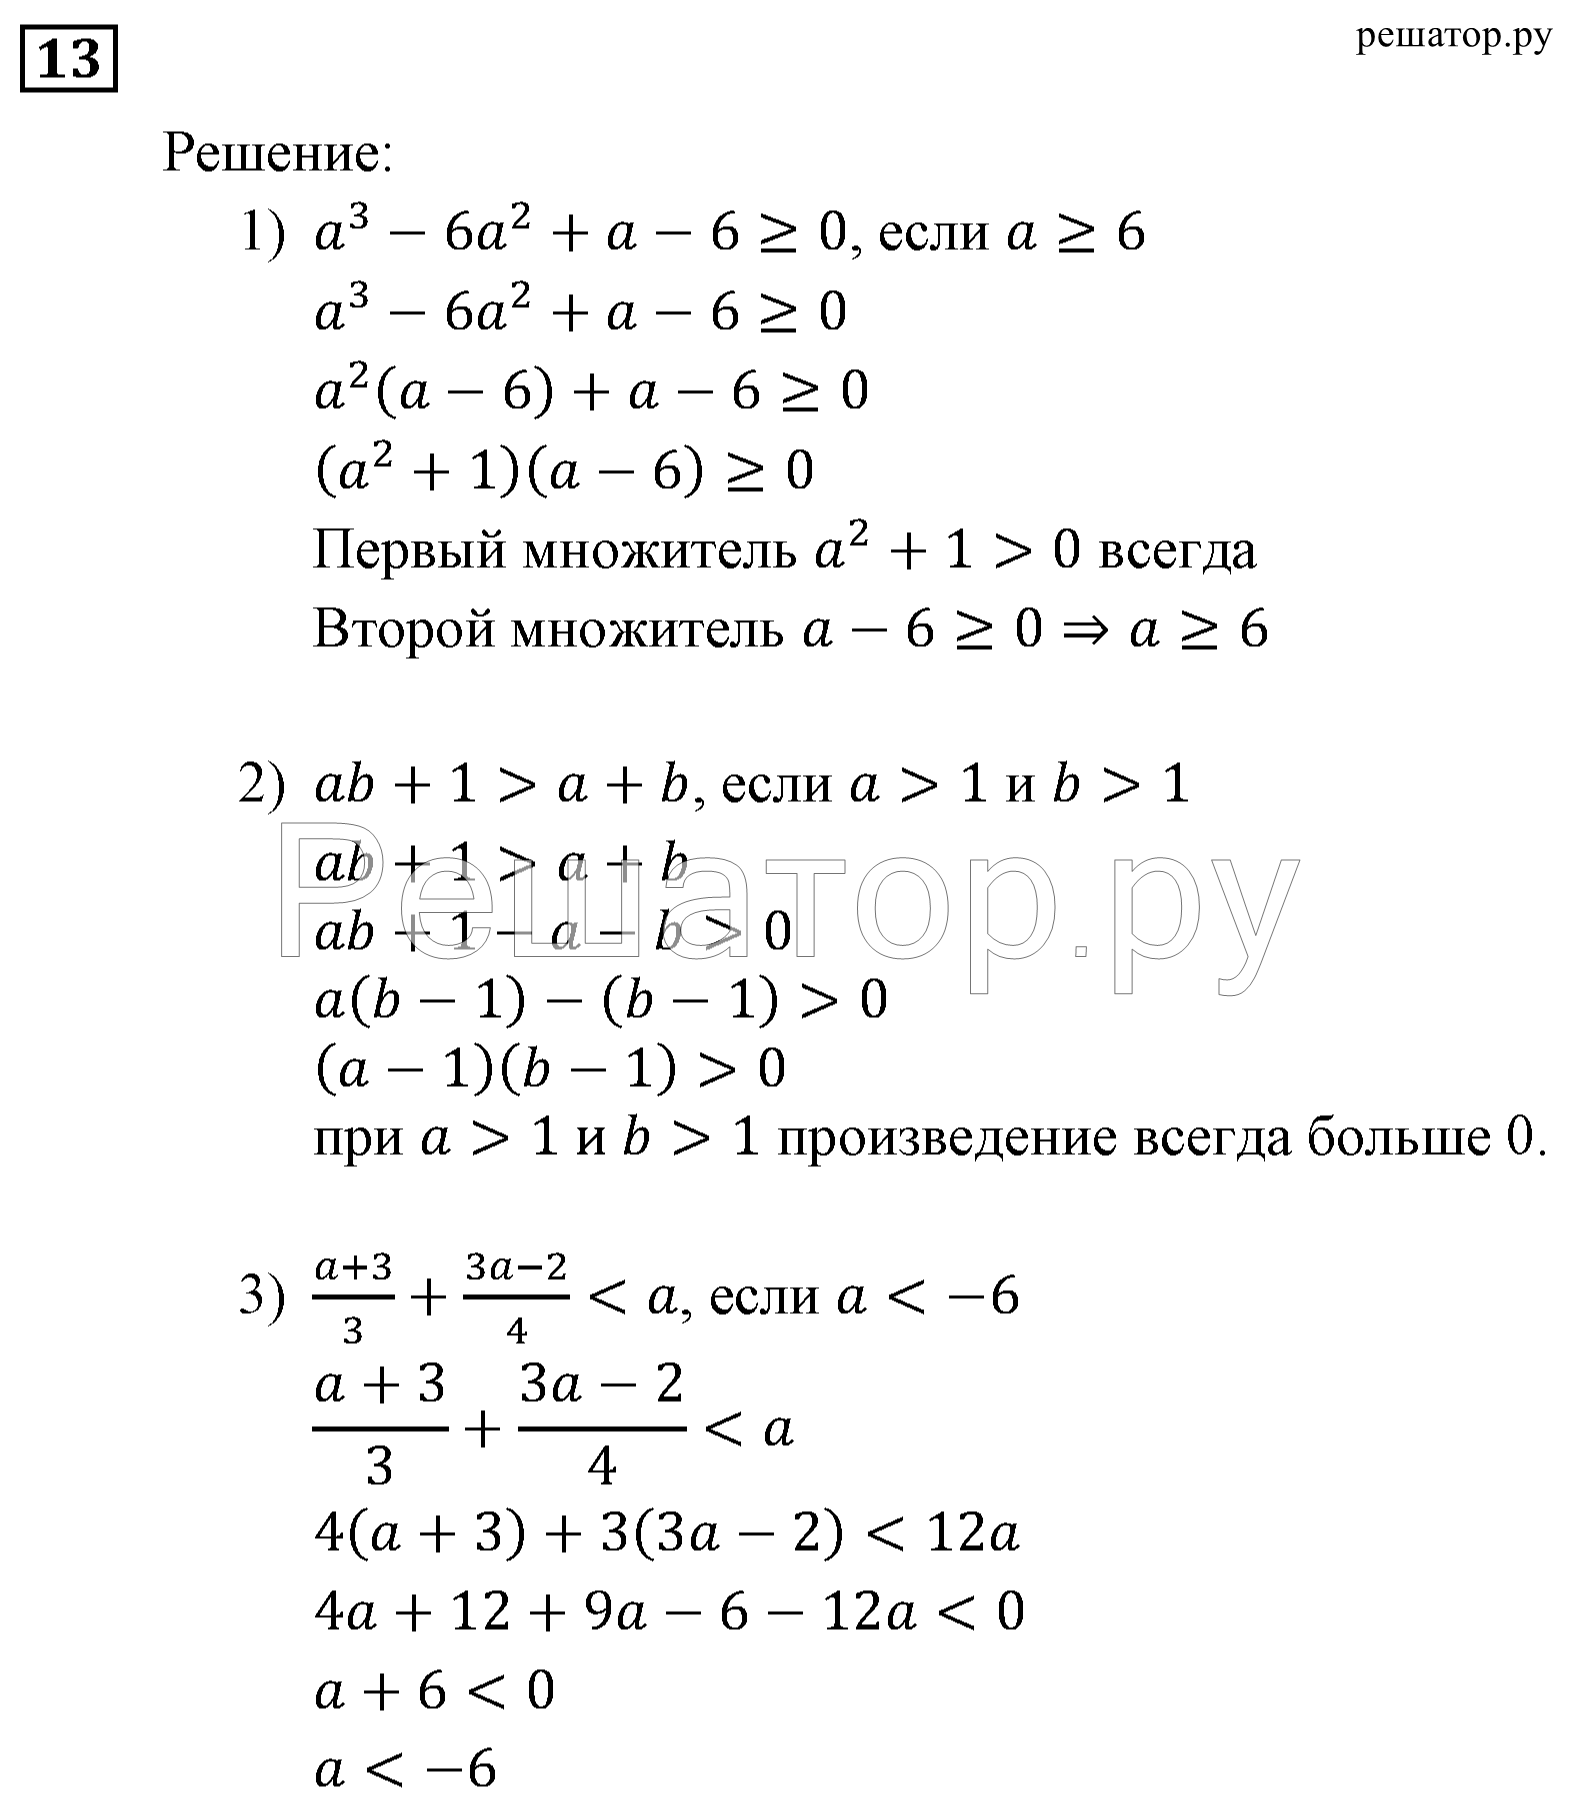 гдз по алгебре 8 класс 2019 год мерзляк полонский якир